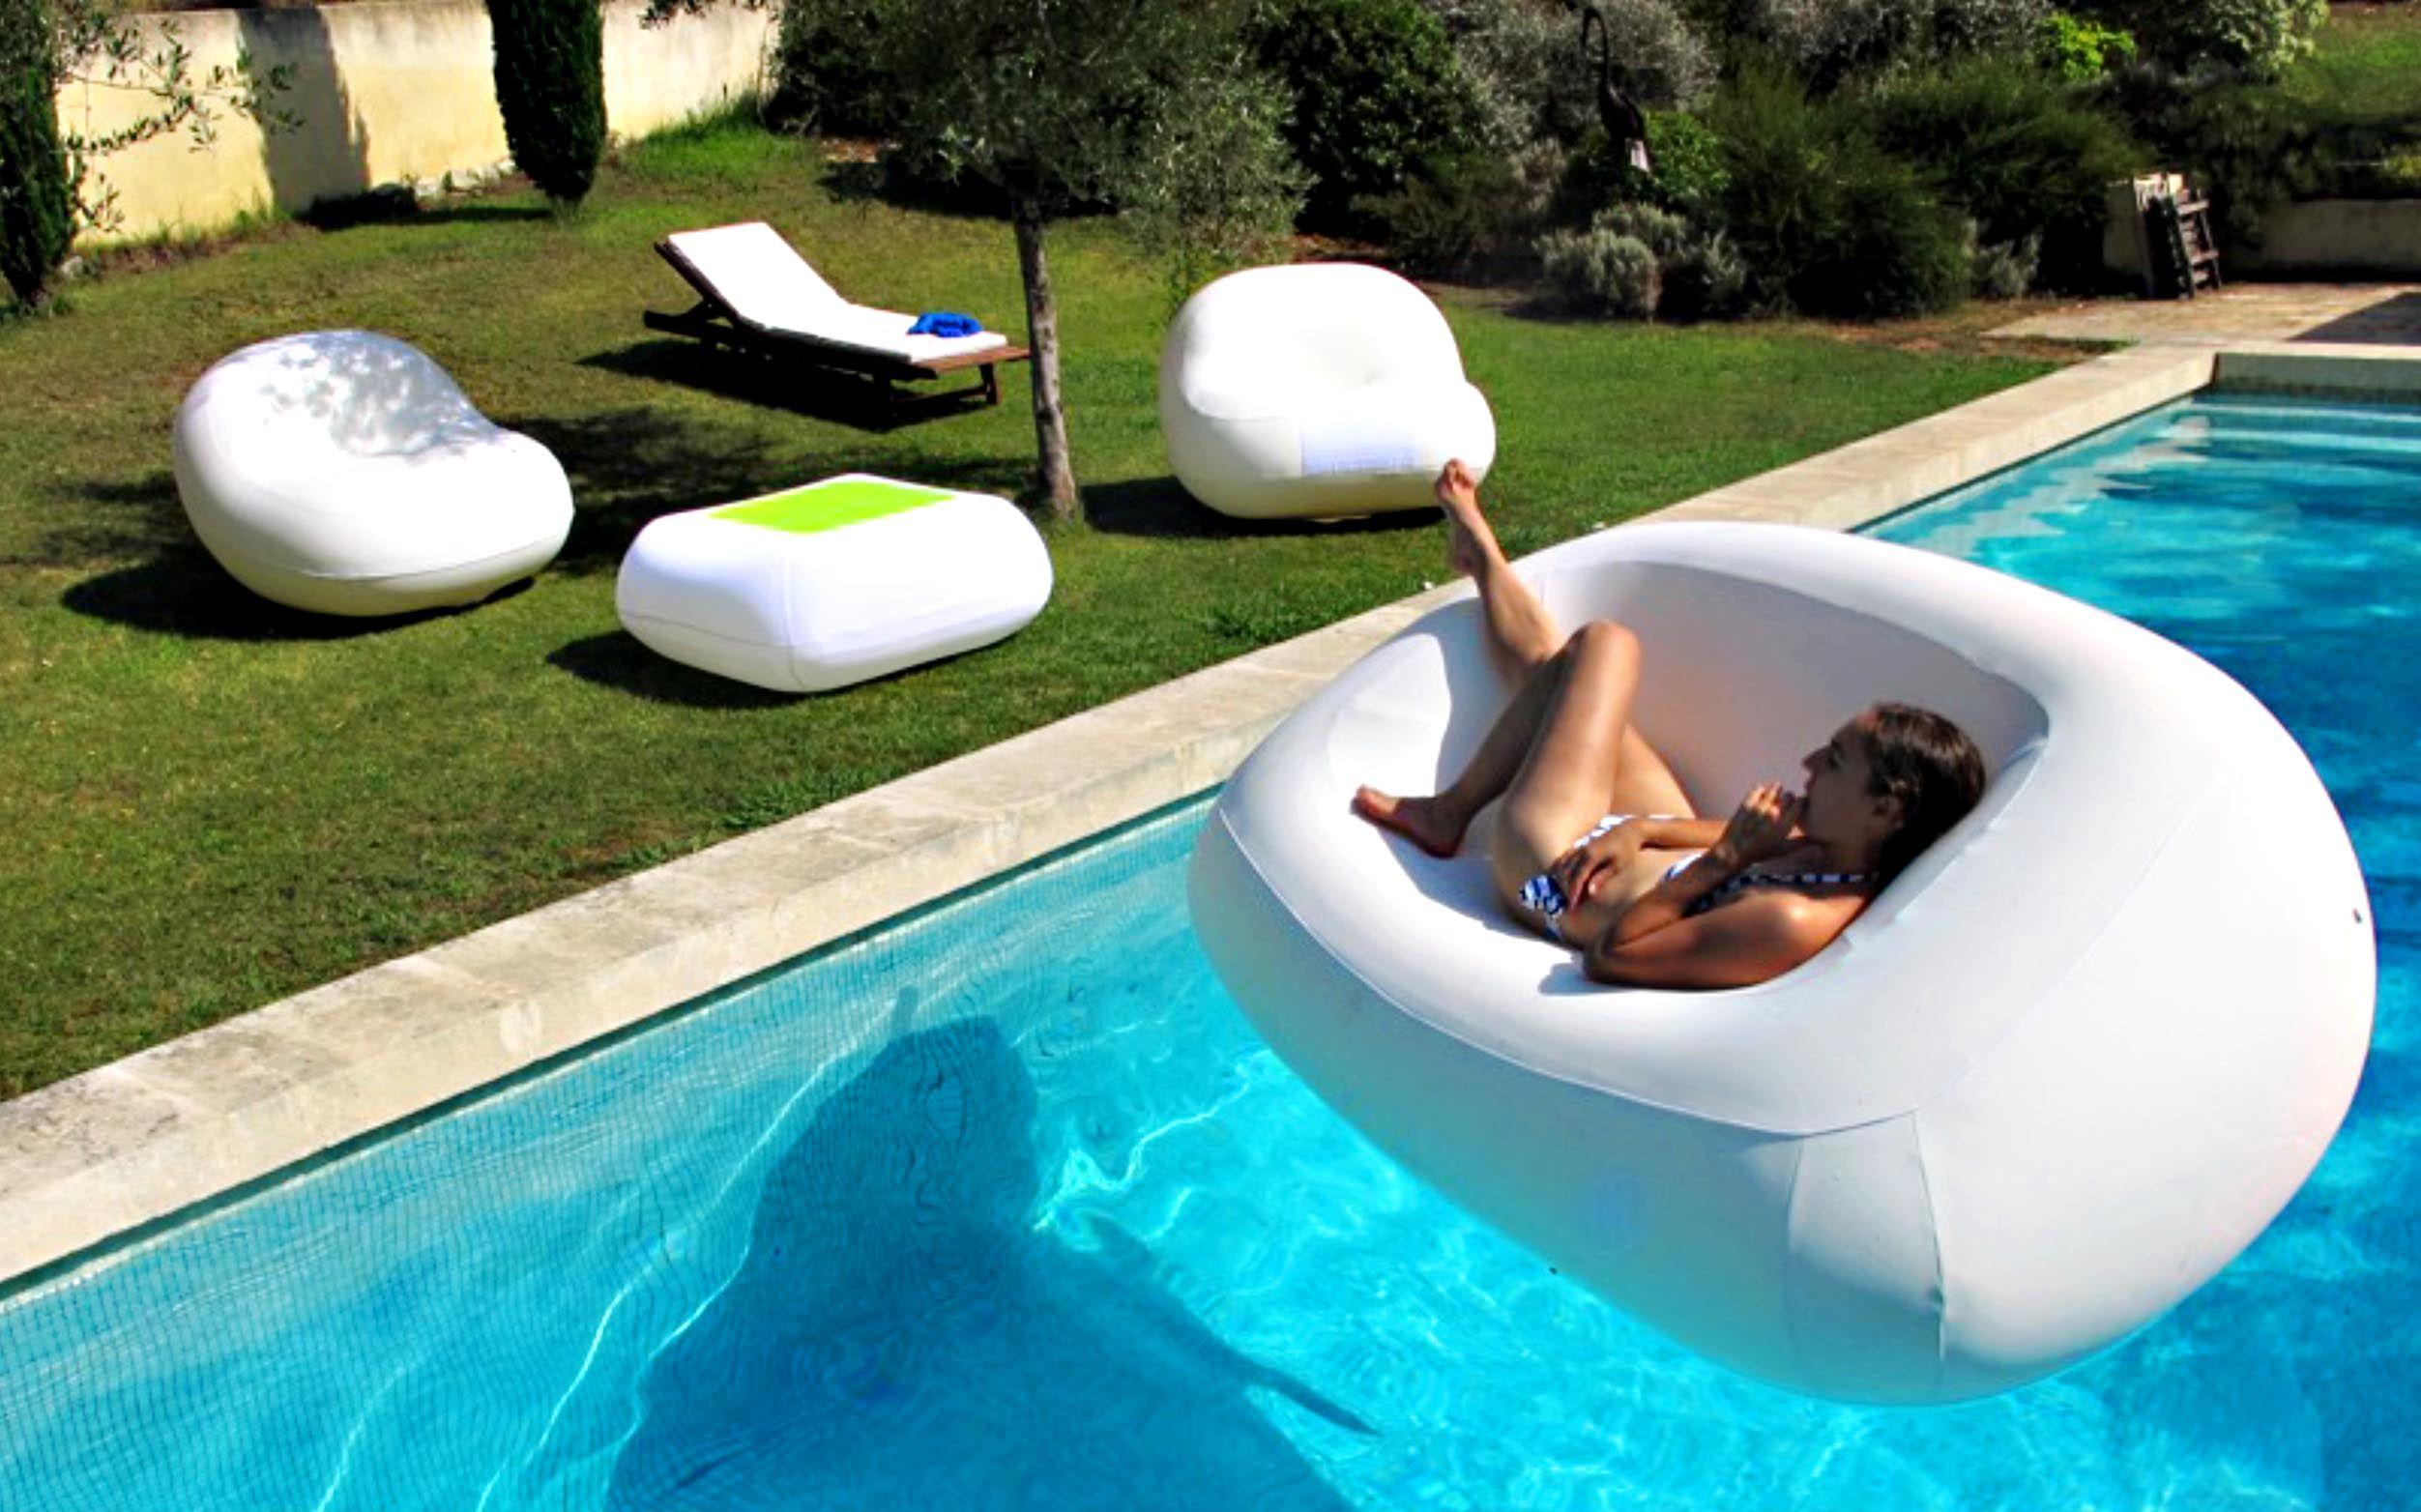 Fugu Inflatable Illuminated Furniture Contact Www